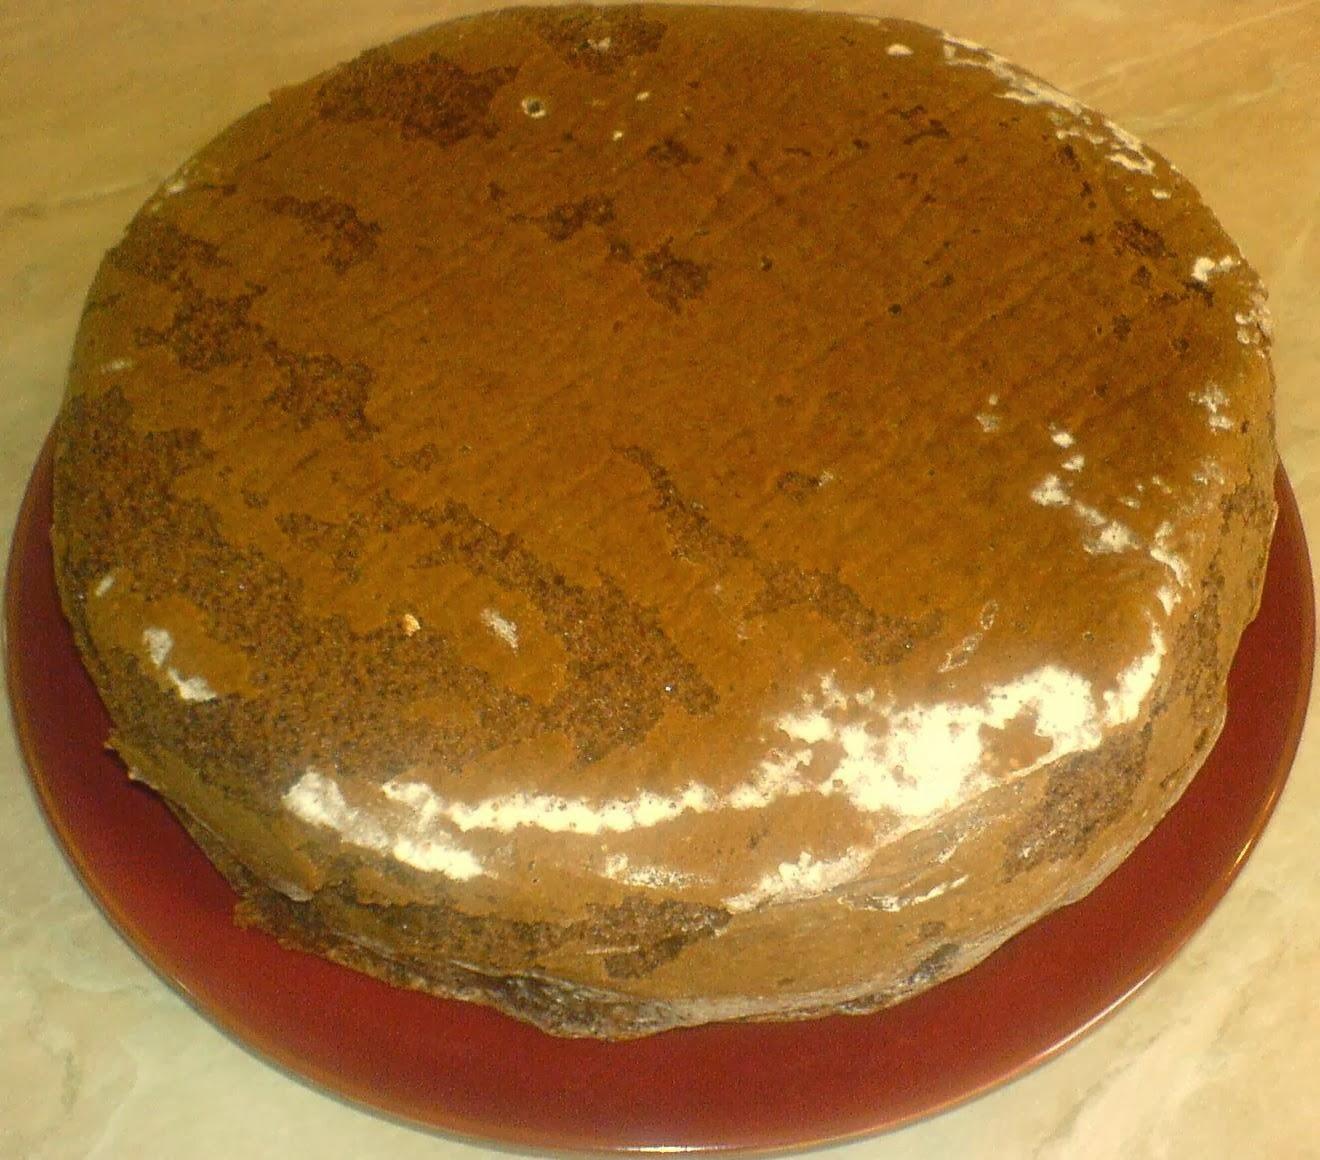 prajituri, torturi, dulciuri, retete culinare, blat de tort, blat tort, blat, pandispan, blat de tort cu cacao,